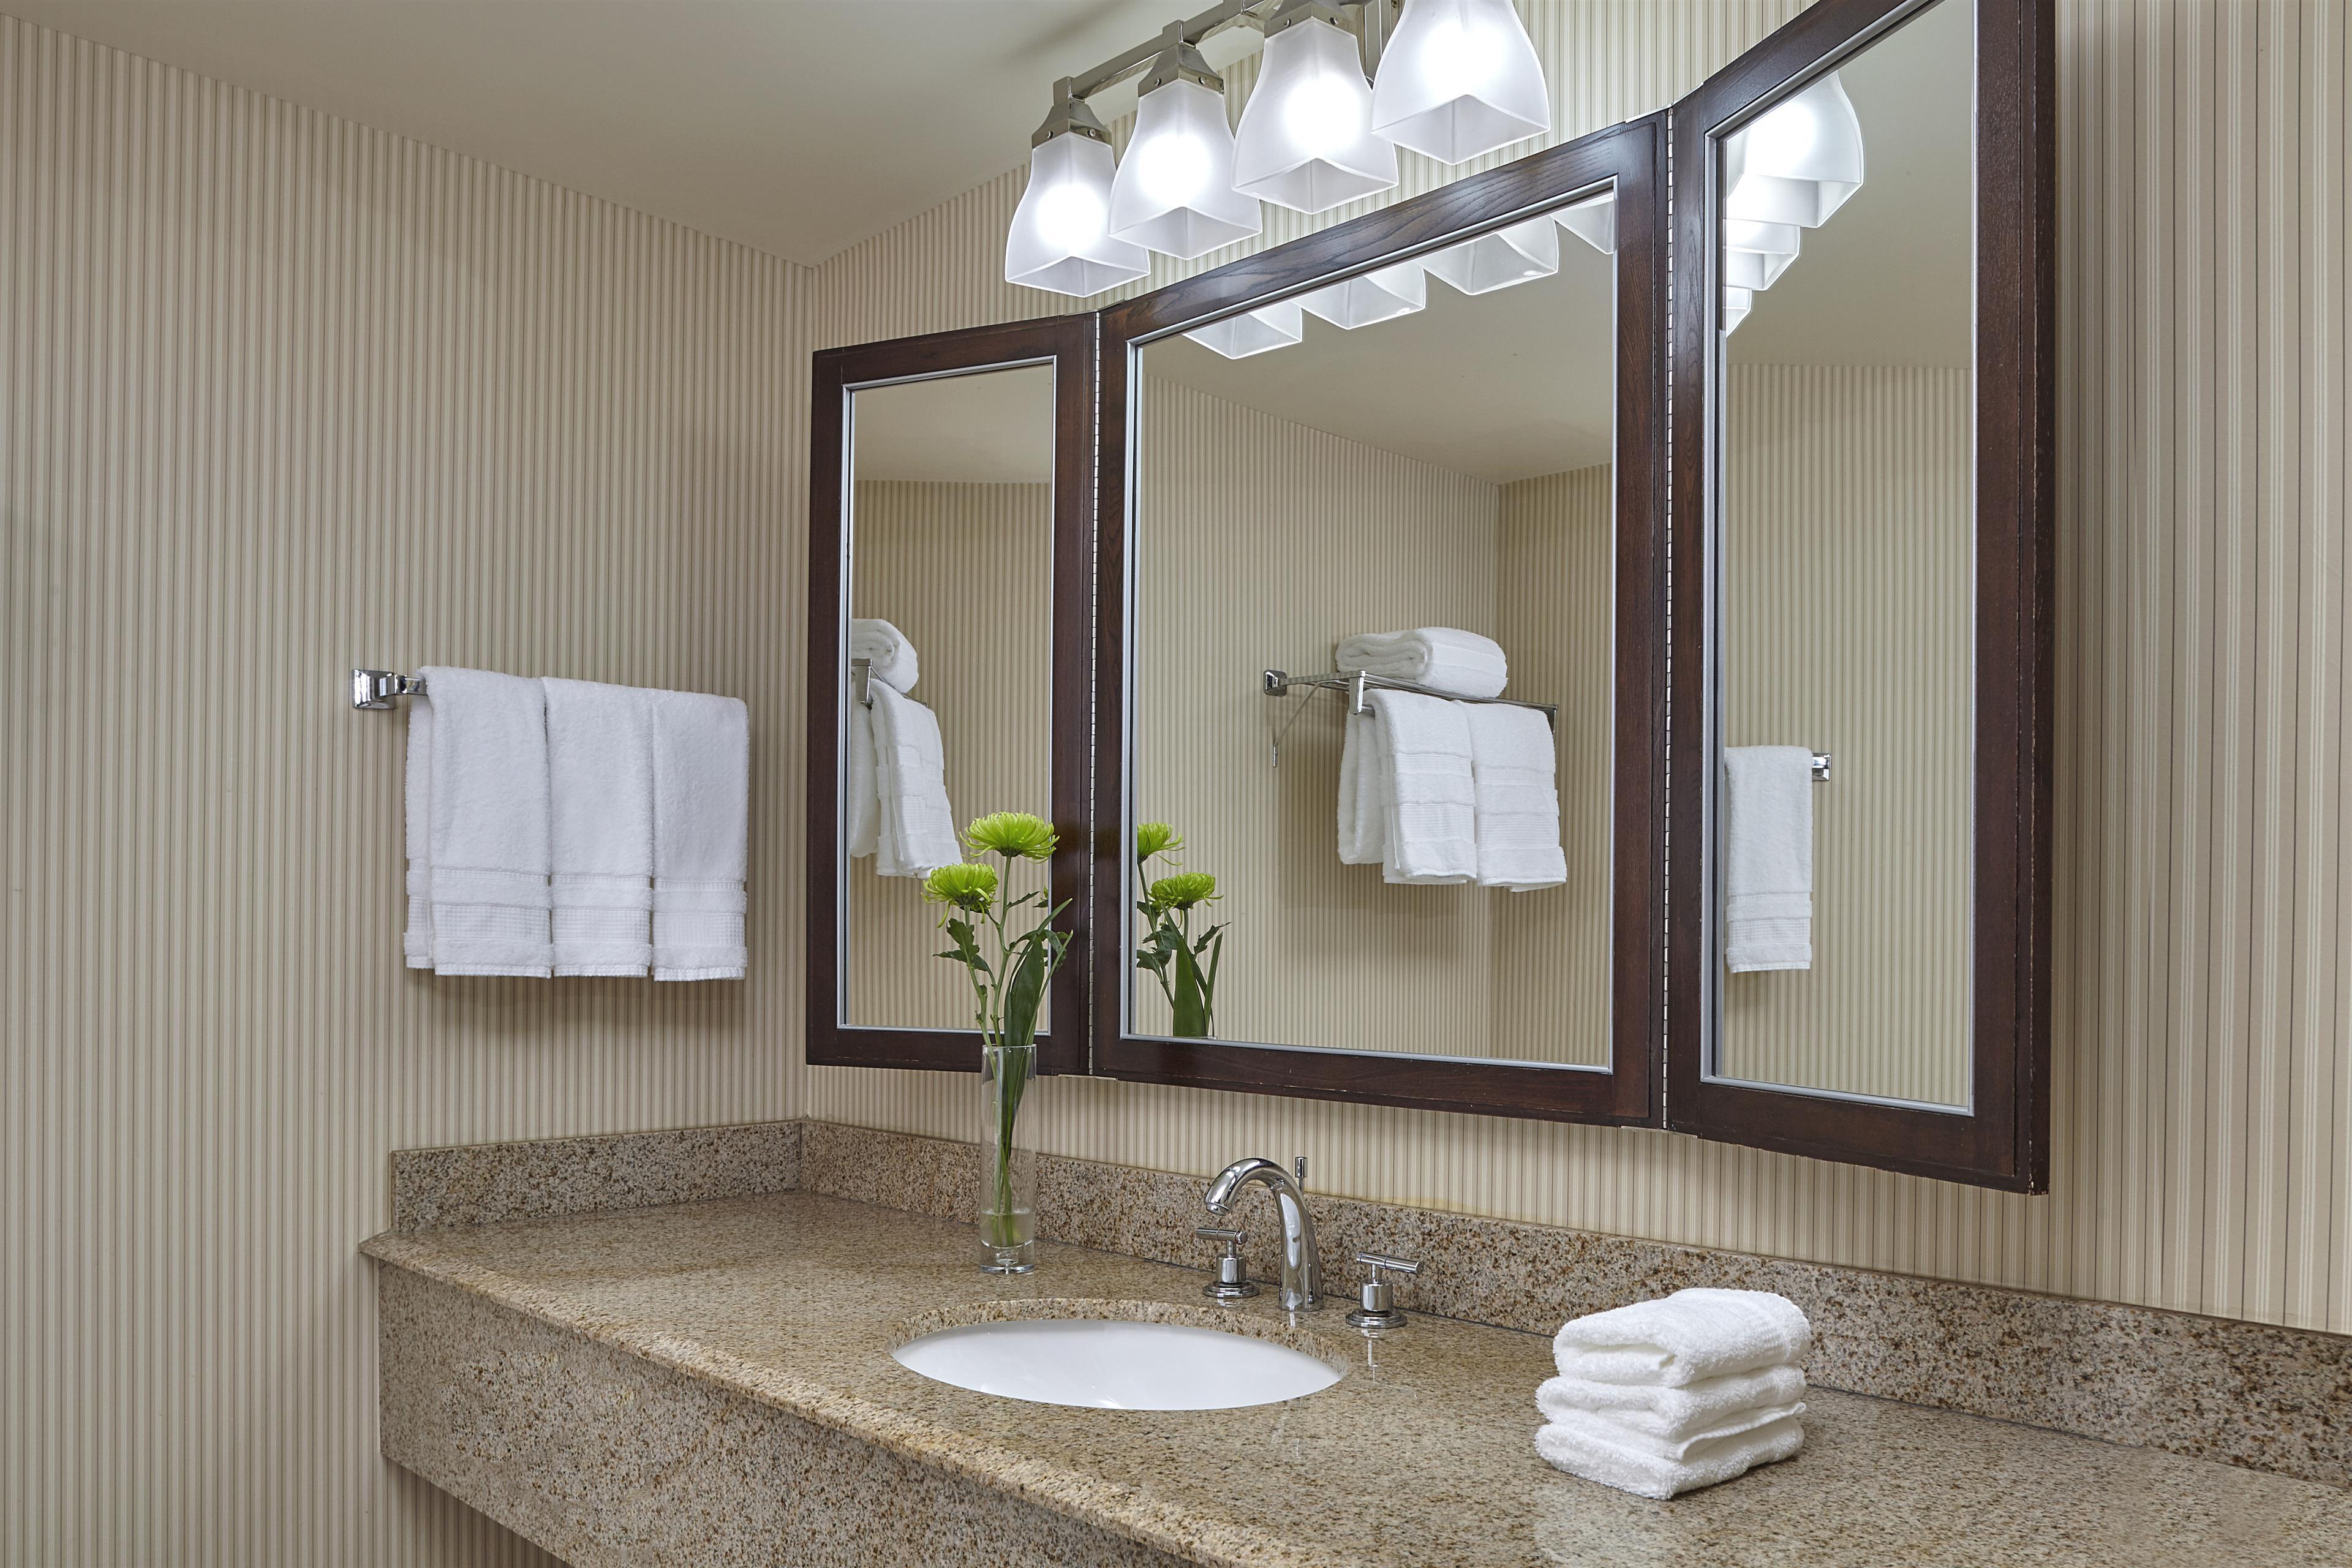 Sheraton Vancouver Guildford Hotel in Surrey: Standard Guestroom Bathroom